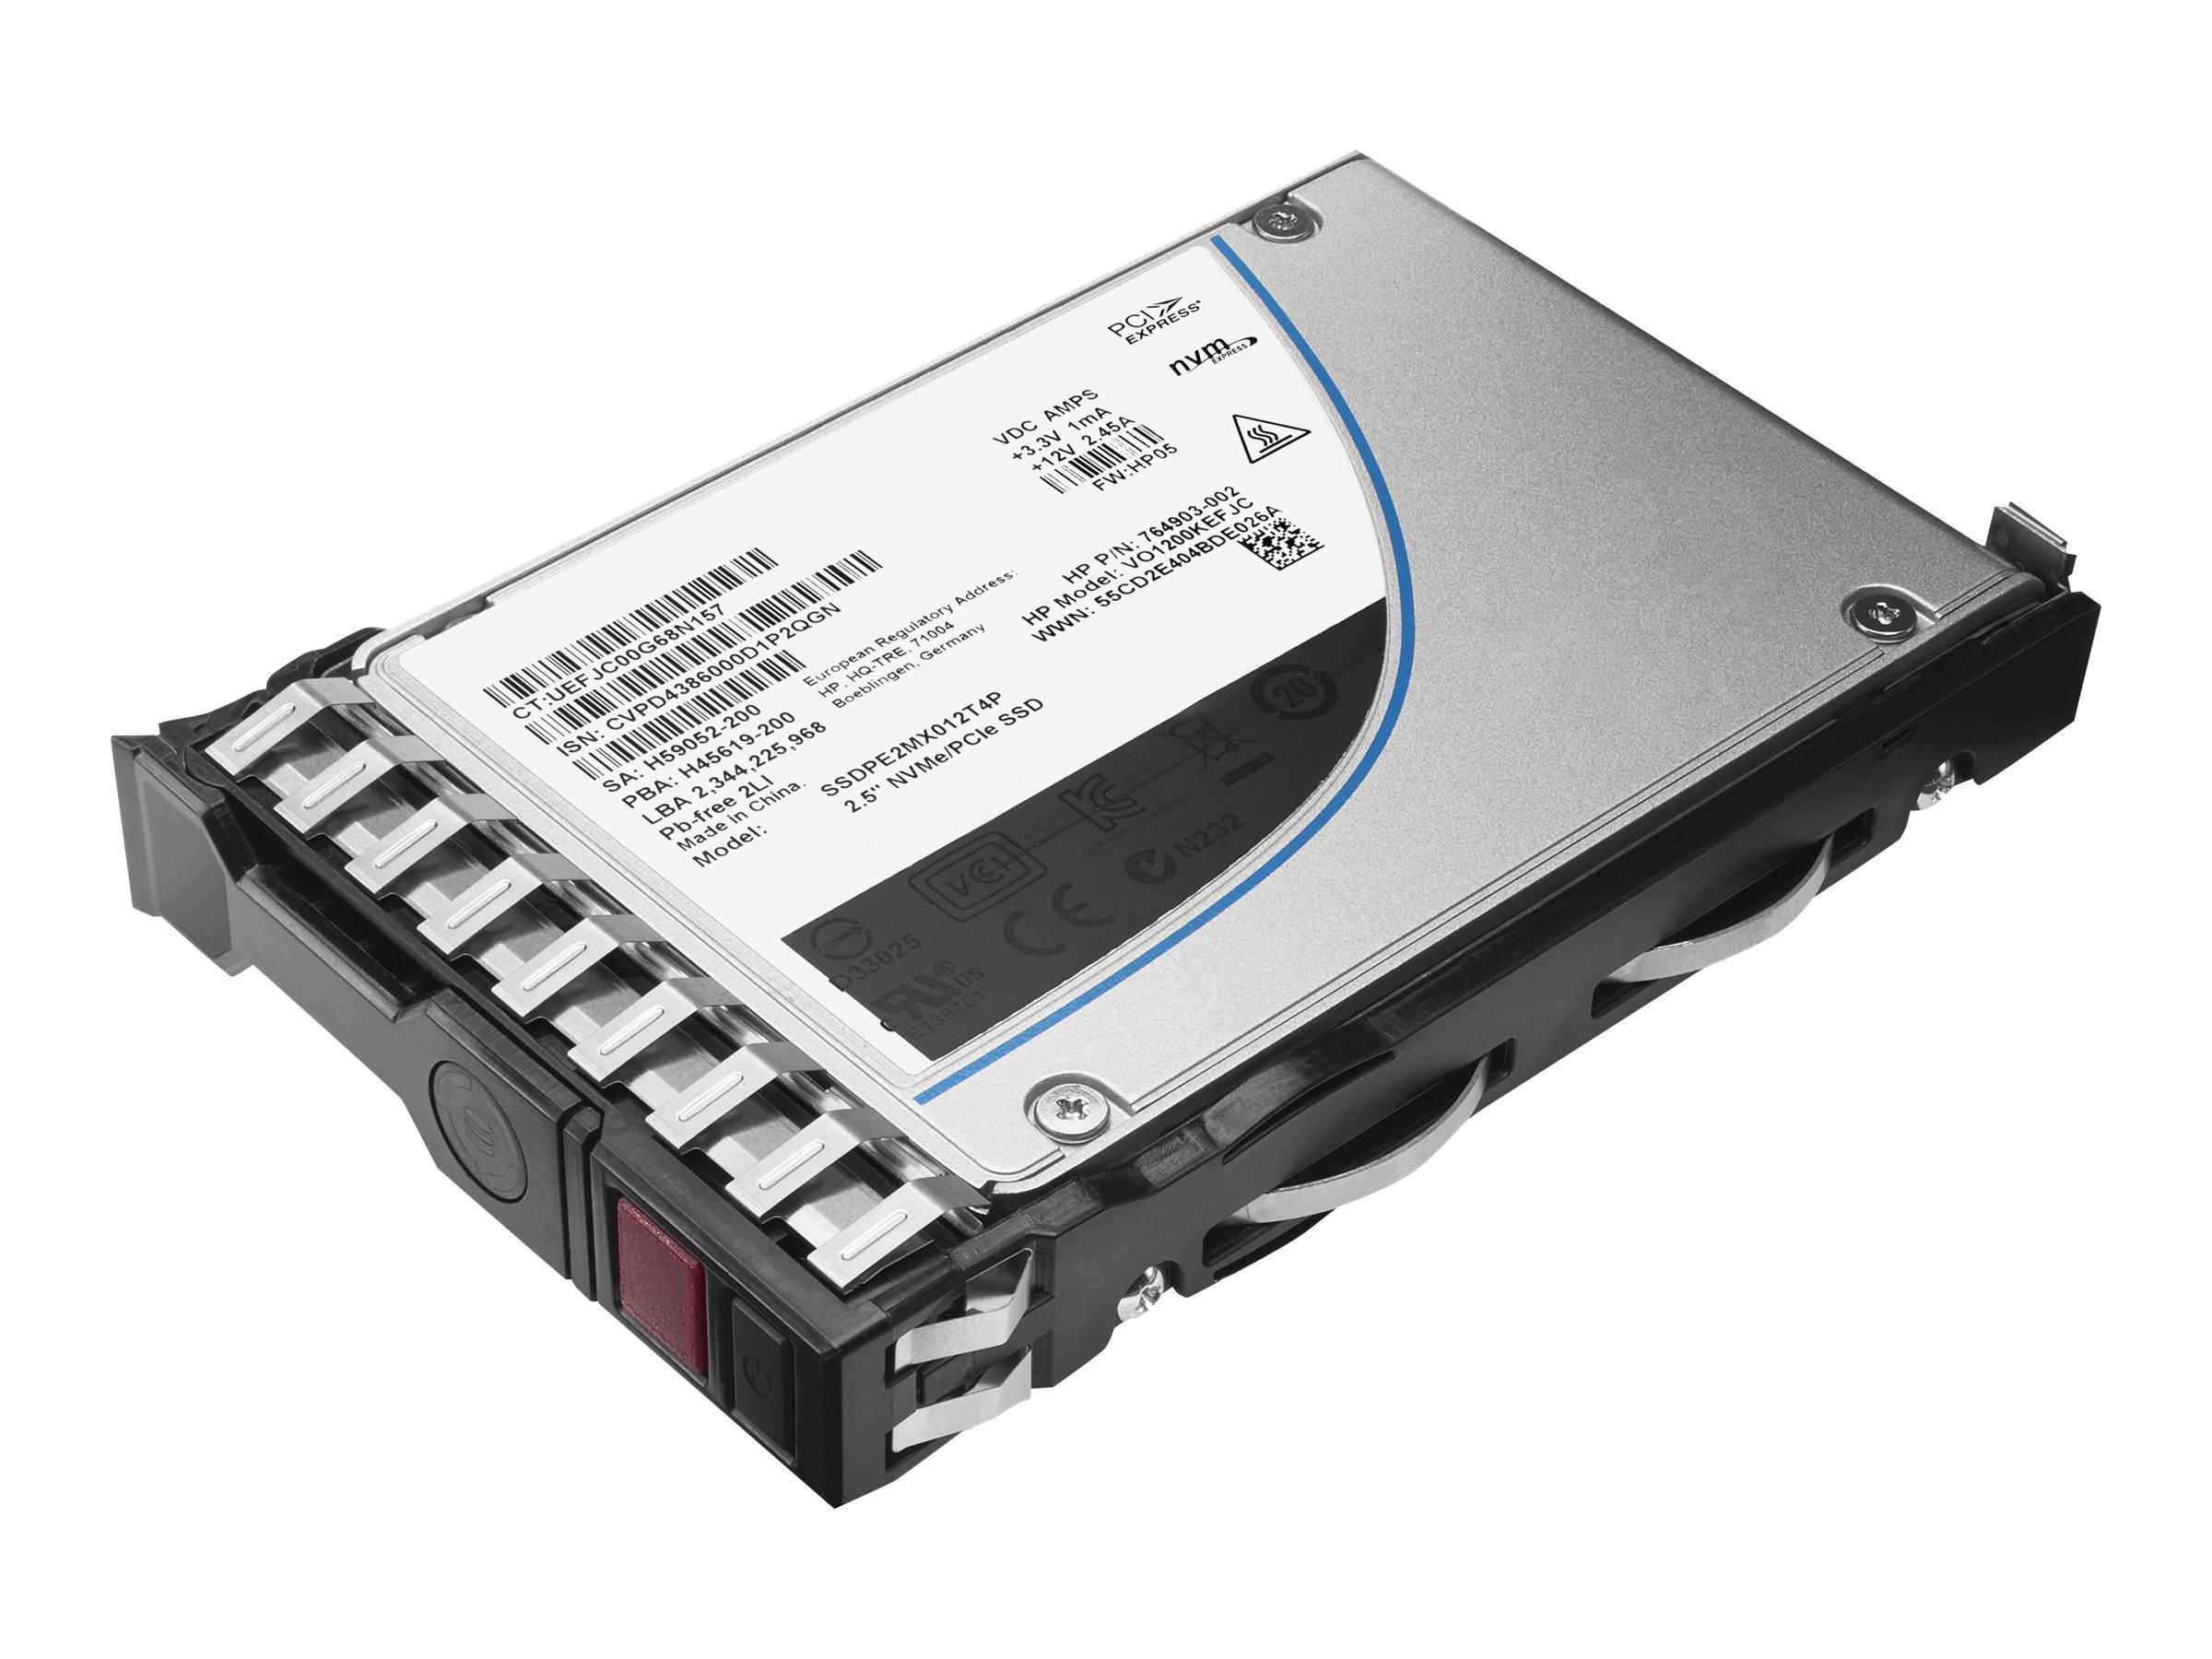 SSD 200GB SATA Hp 200Gb 6G Mu 2 Lff Scc